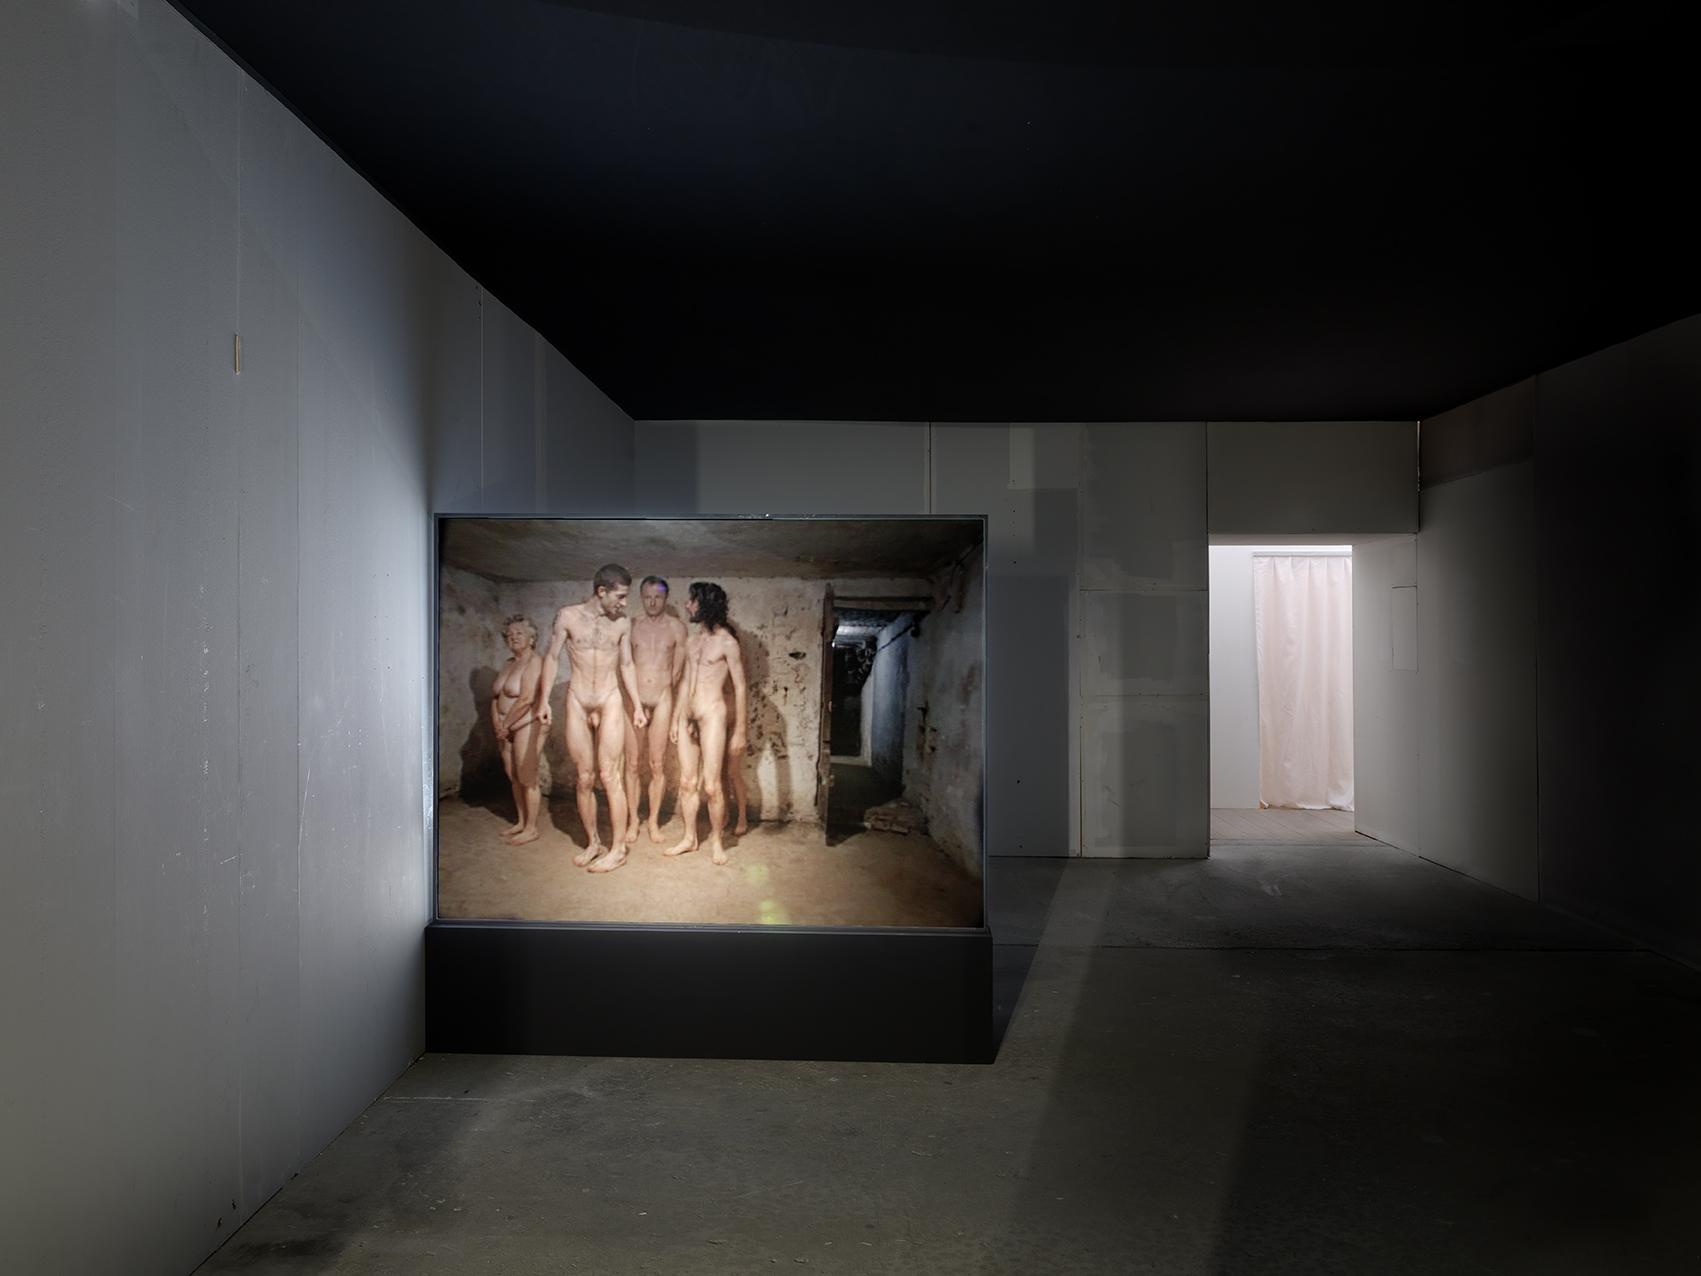 """Artur Żmijewski """"Kullimäng"""" (1999). Videoteos, kus grupp alasti inimesi mängib kunagi gaasikambrina kasutatud ruumis kulli. Foto: André Morin"""